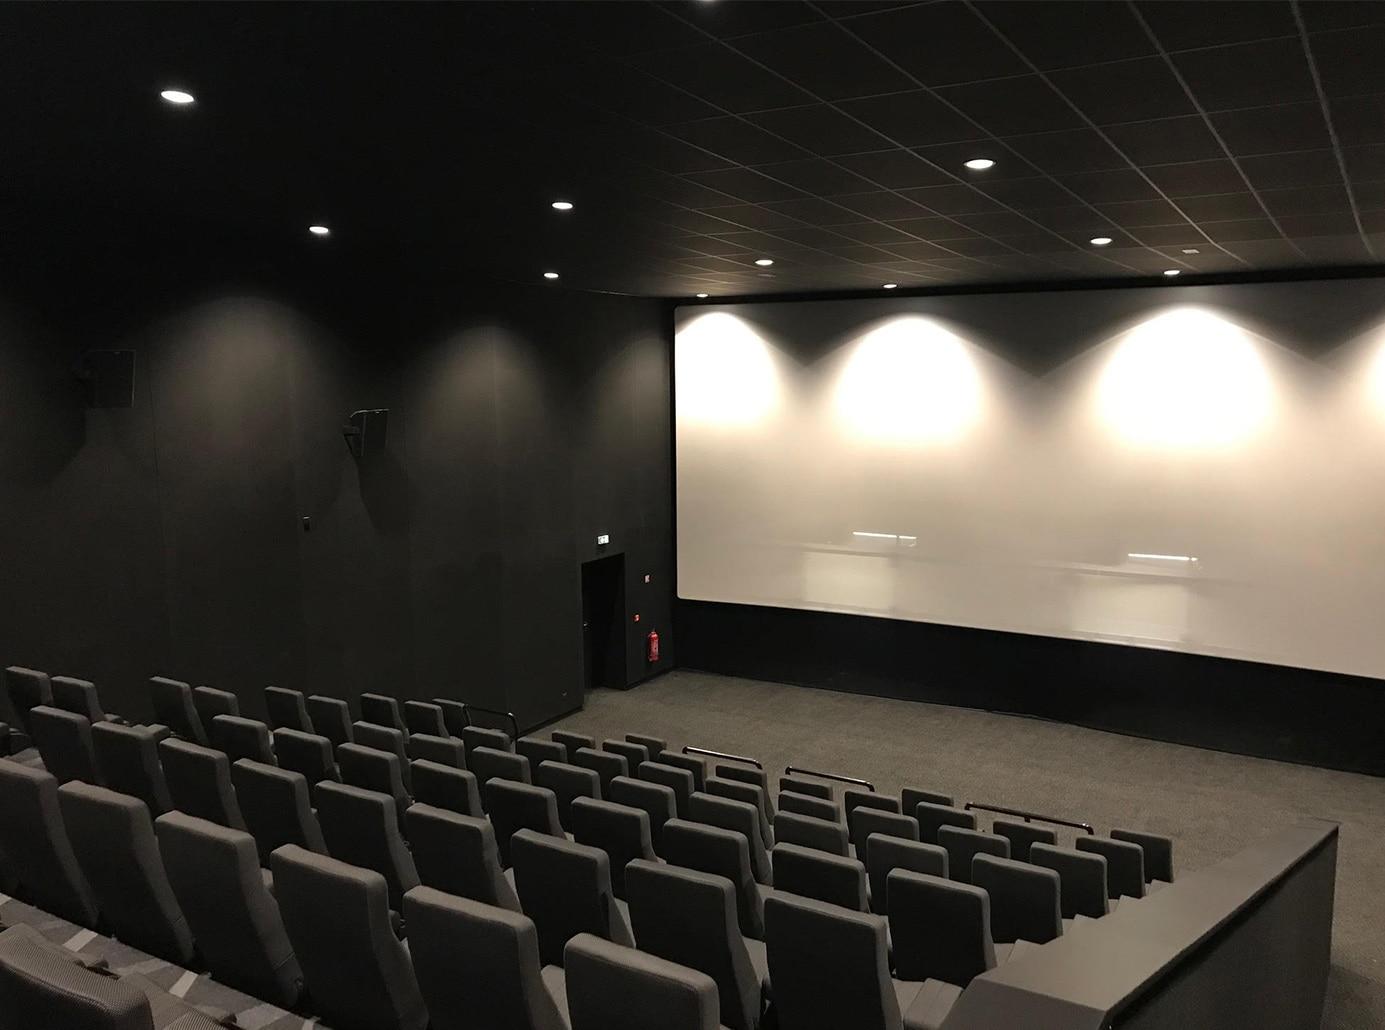 cinema-kinepolis-servon-cba-5